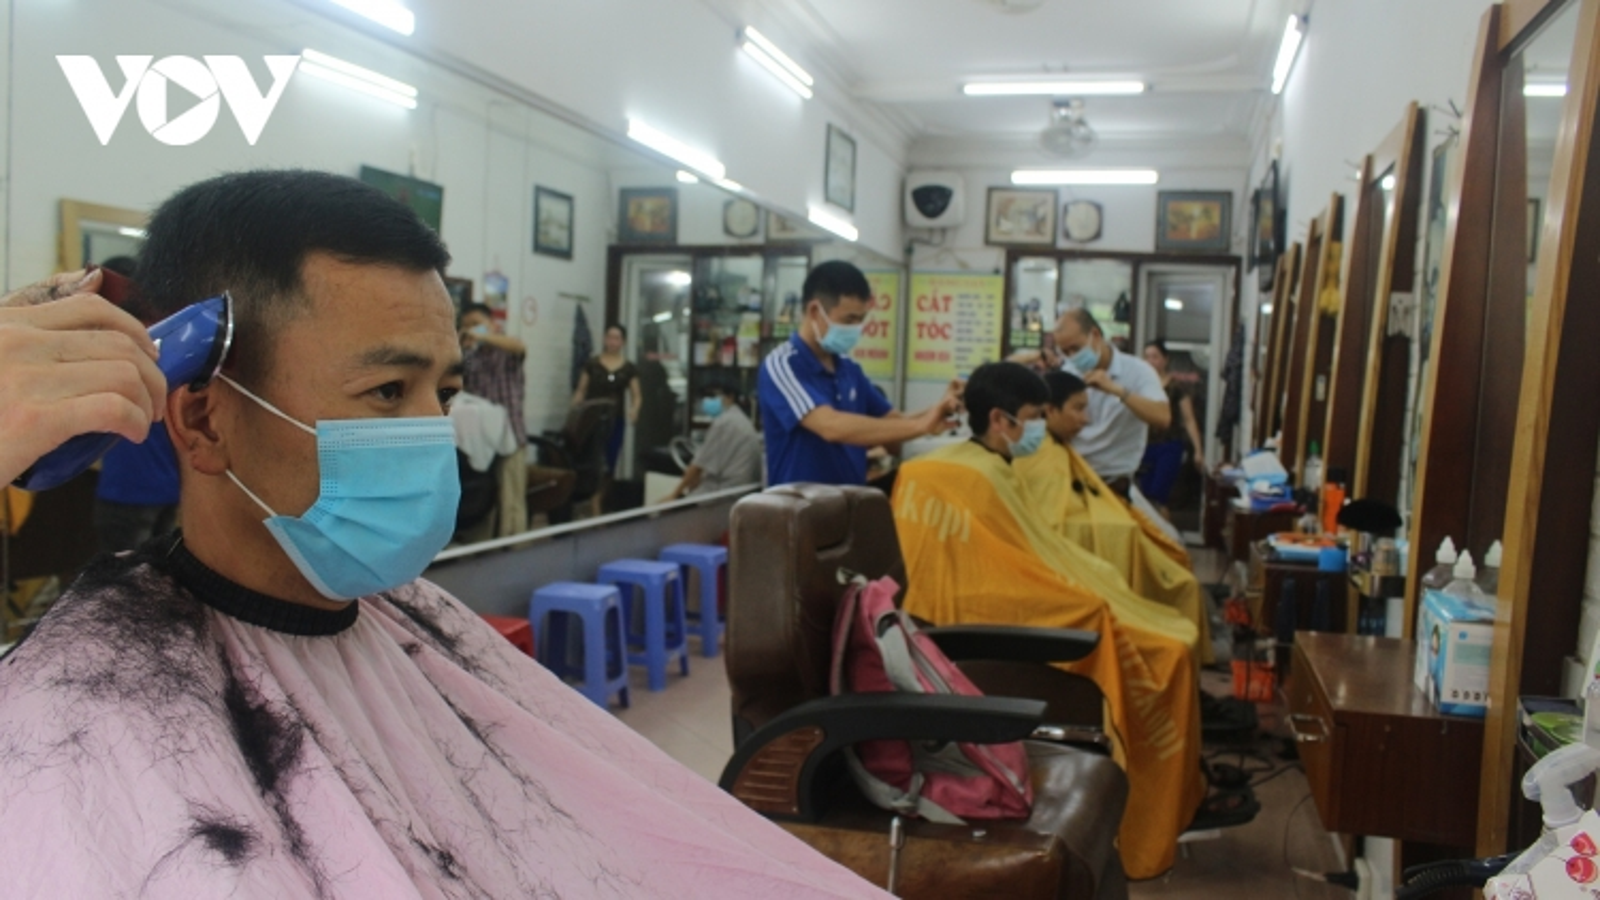 Người dân Hà Nội phấn khởi mở lại quán ăn, tiệm làm tóc